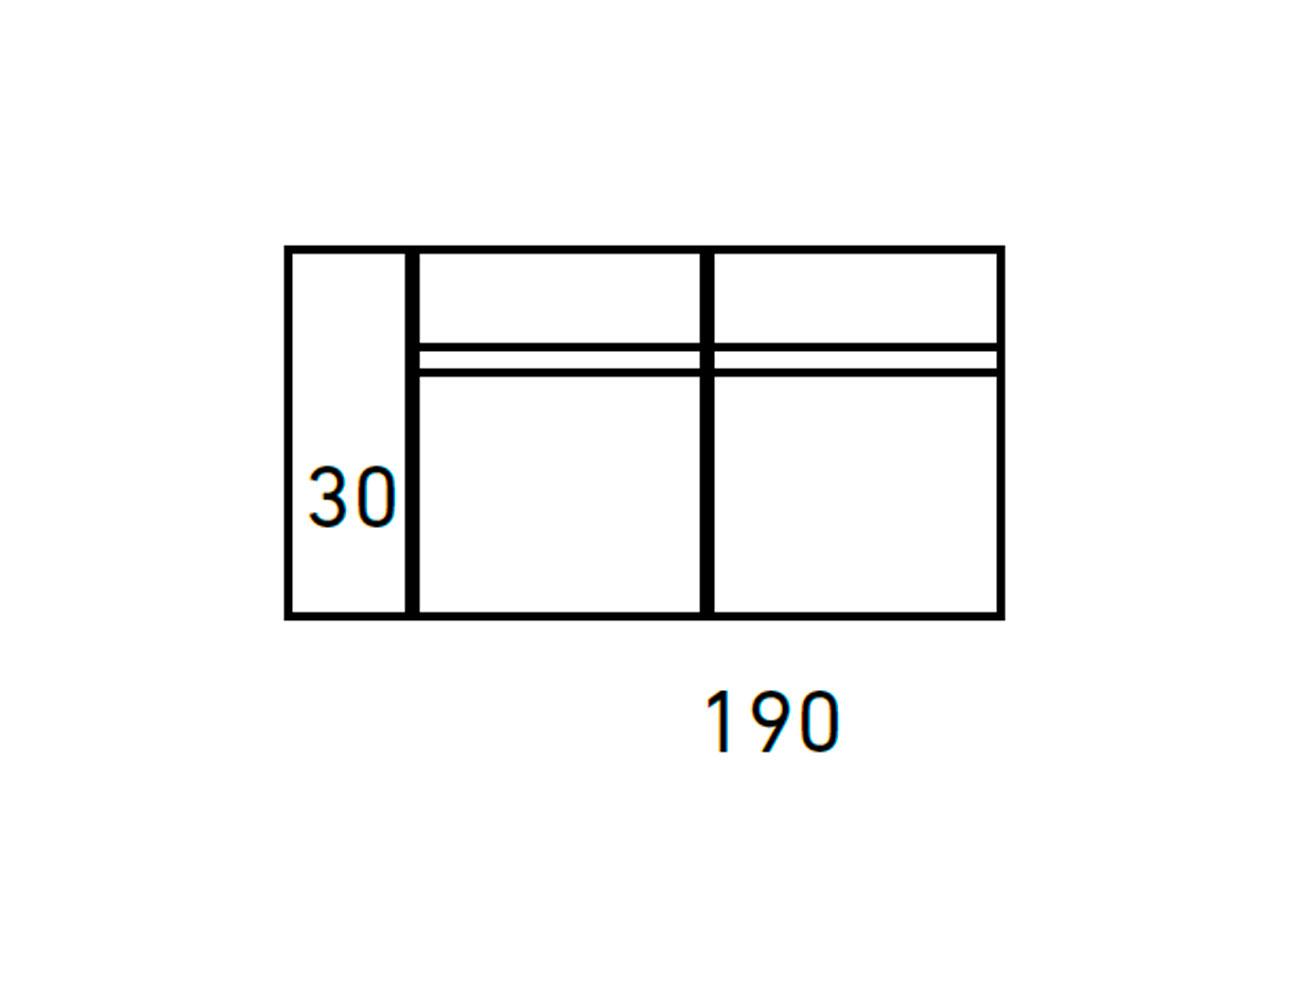 Modulo 190